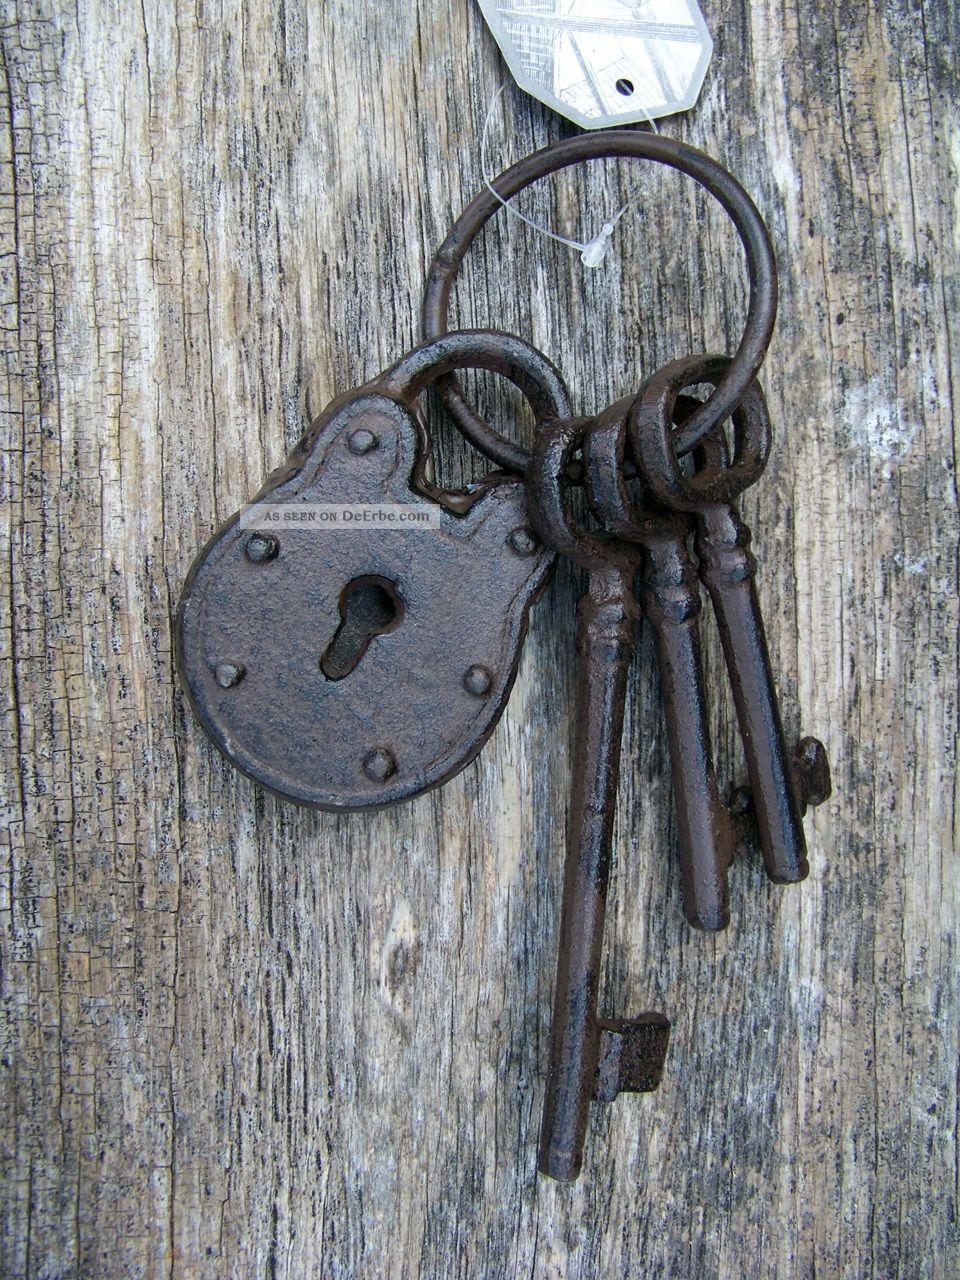 Schl sselbund mit schloss gusseisen nostalgie landhausstil gartendeko key - Gartendeko gusseisen ...